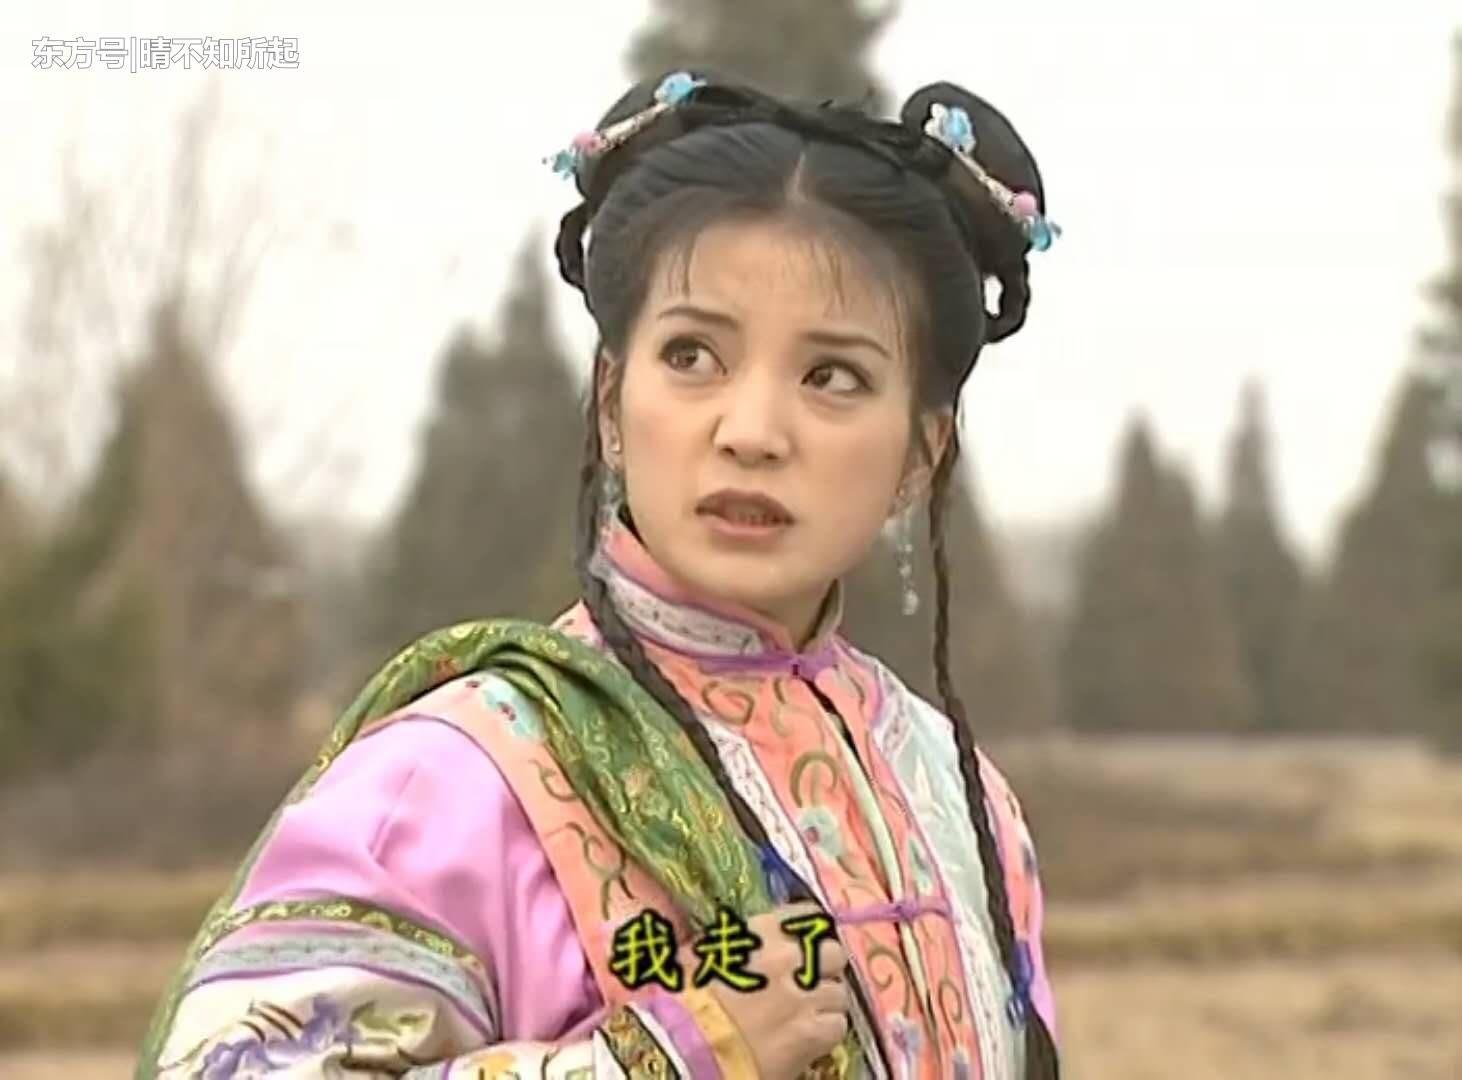 我觉的黄奕演的小燕子超过赵薇,大家赞同还是反对图片